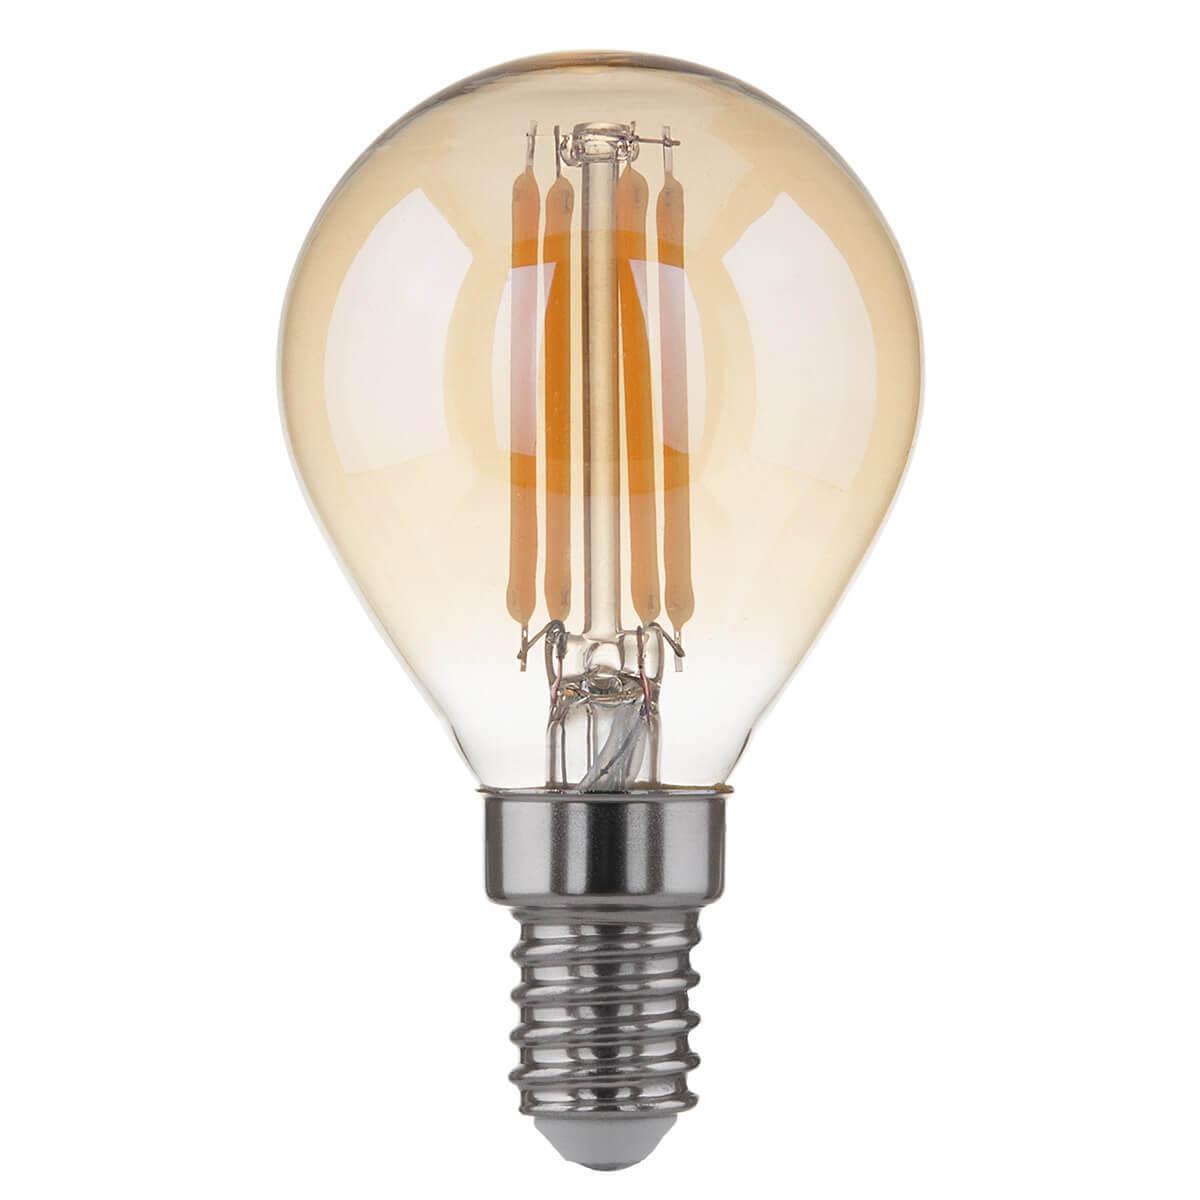 цена на Лампочка Elektrostandard 4690389108303 Classic F